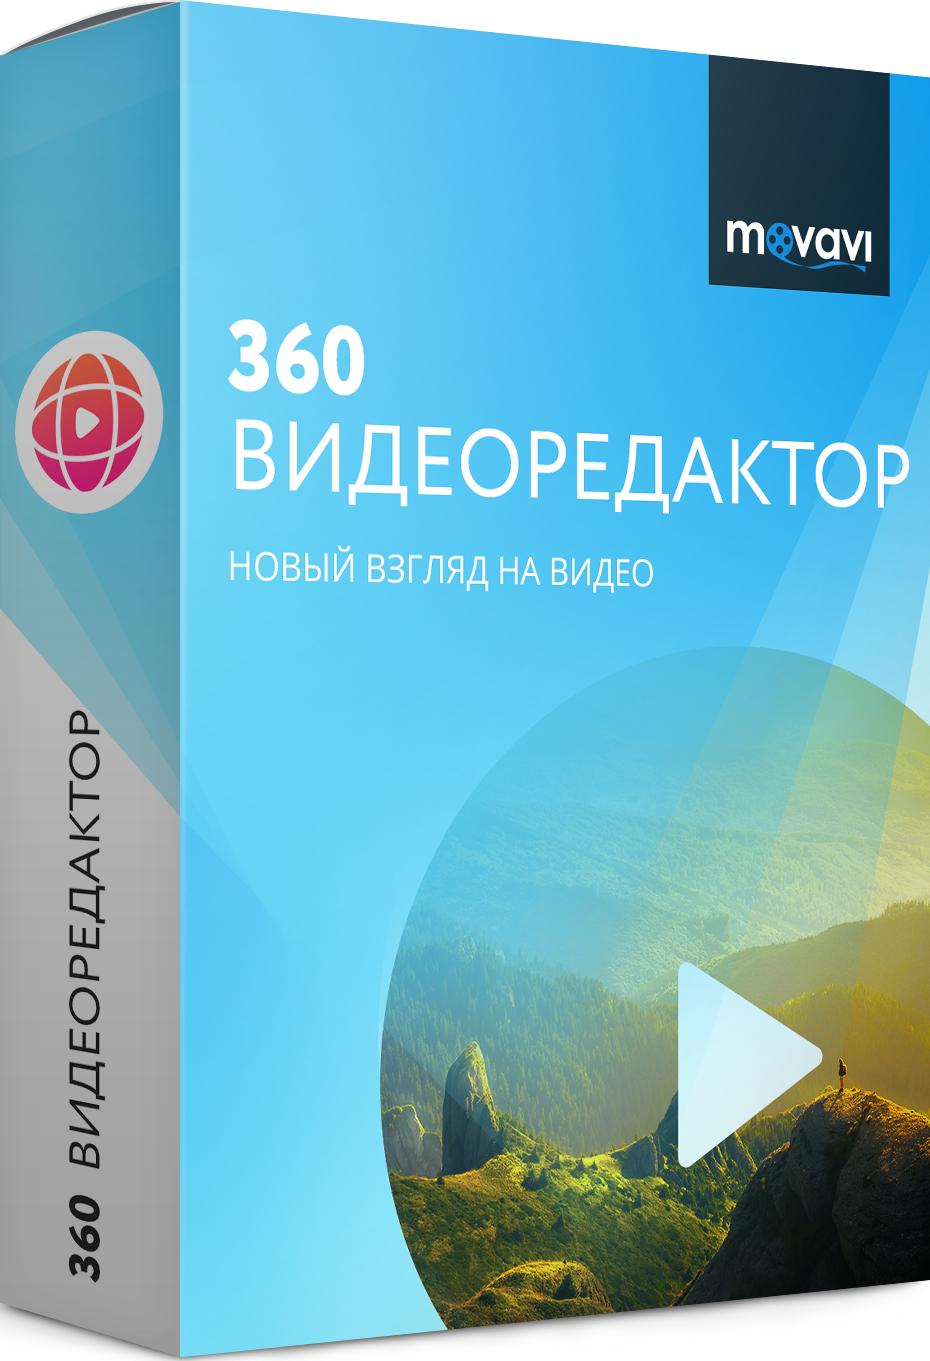 """Movavi 360 Видеоредактор. Персональная лицензия (Цифровая версия)Movavi 360 Видеоредактор &amp;ndash; это программа для редактирования панорамного видео, с помощью которой вы сможете создавать эффектные 3D ролики из видео и фото 360°. Удобный плеер для предпросмотра обеспечивает полный контроль над созданием ролика, а поддержка Ultra HD – результат в превосходном качестве. Для работы вам понадобится """"сшитое"""" видео с камер, немного фантазии, а в остальном вам поможет этот редактор!<br>"""